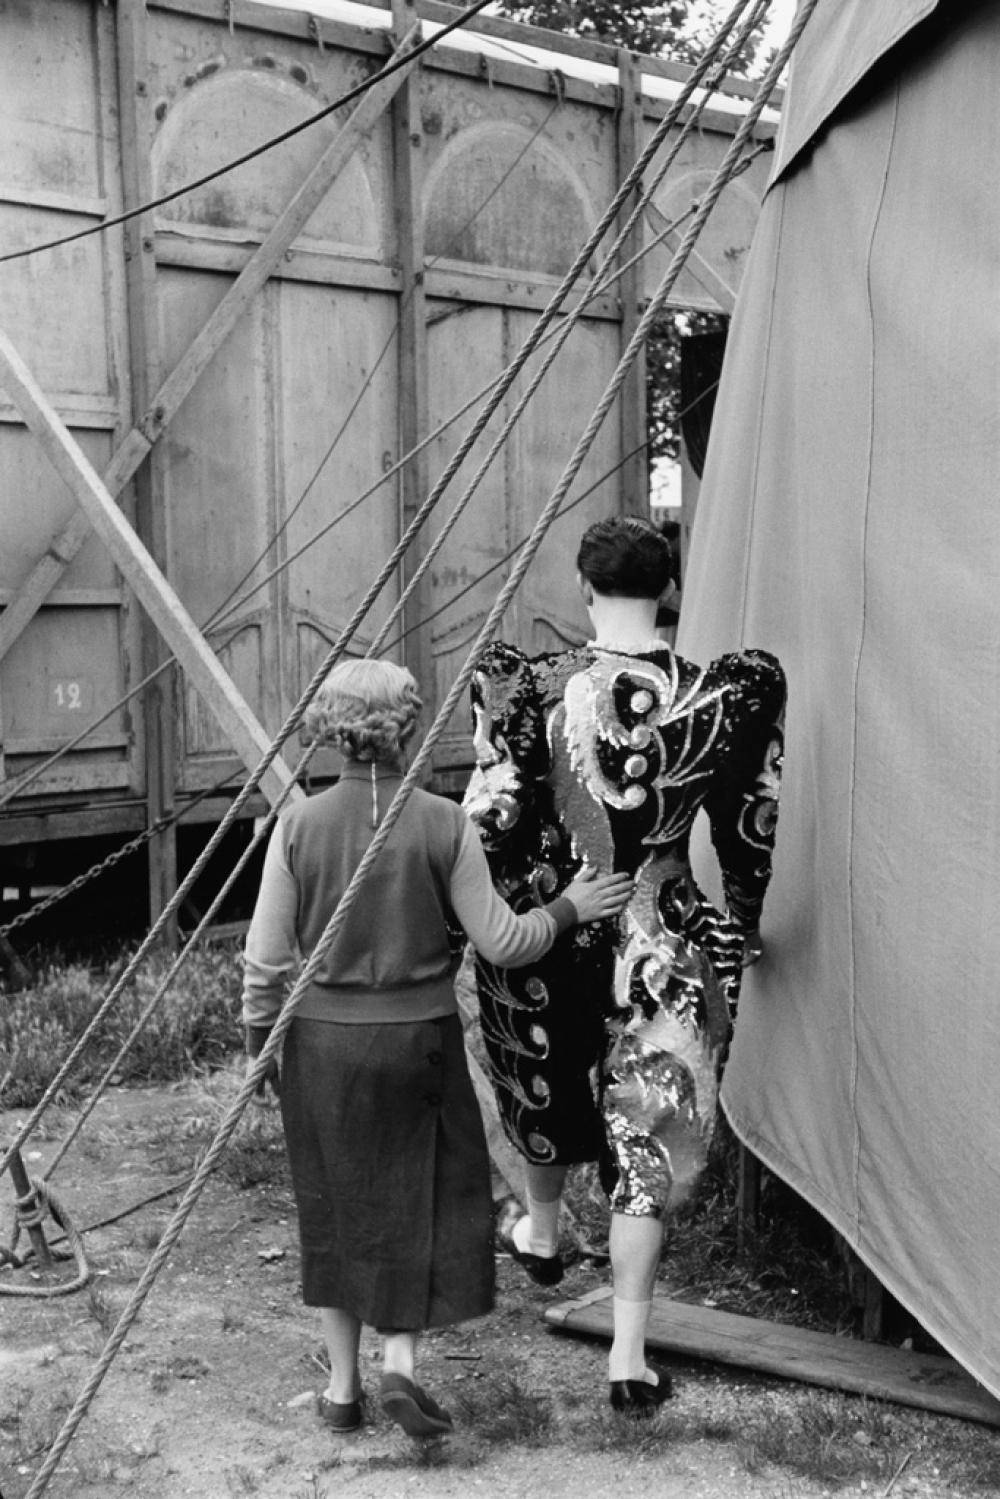 HENRI CARTIER-BRESSON (1908-2004) Le Cirque Fanni.